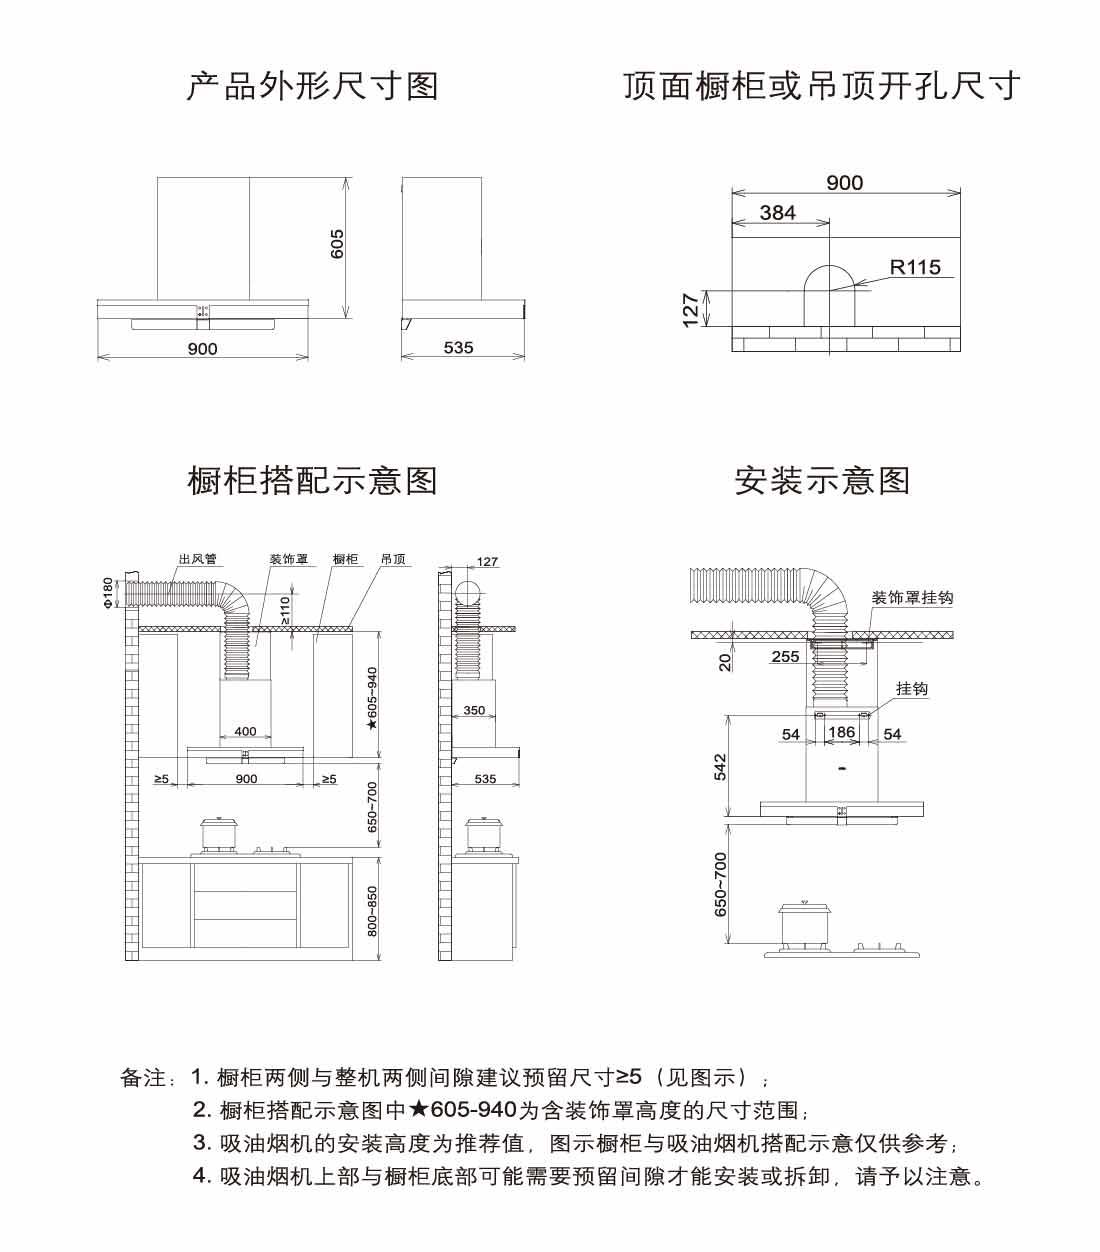 彩28彩票CXW-200-EM02T装置表示图